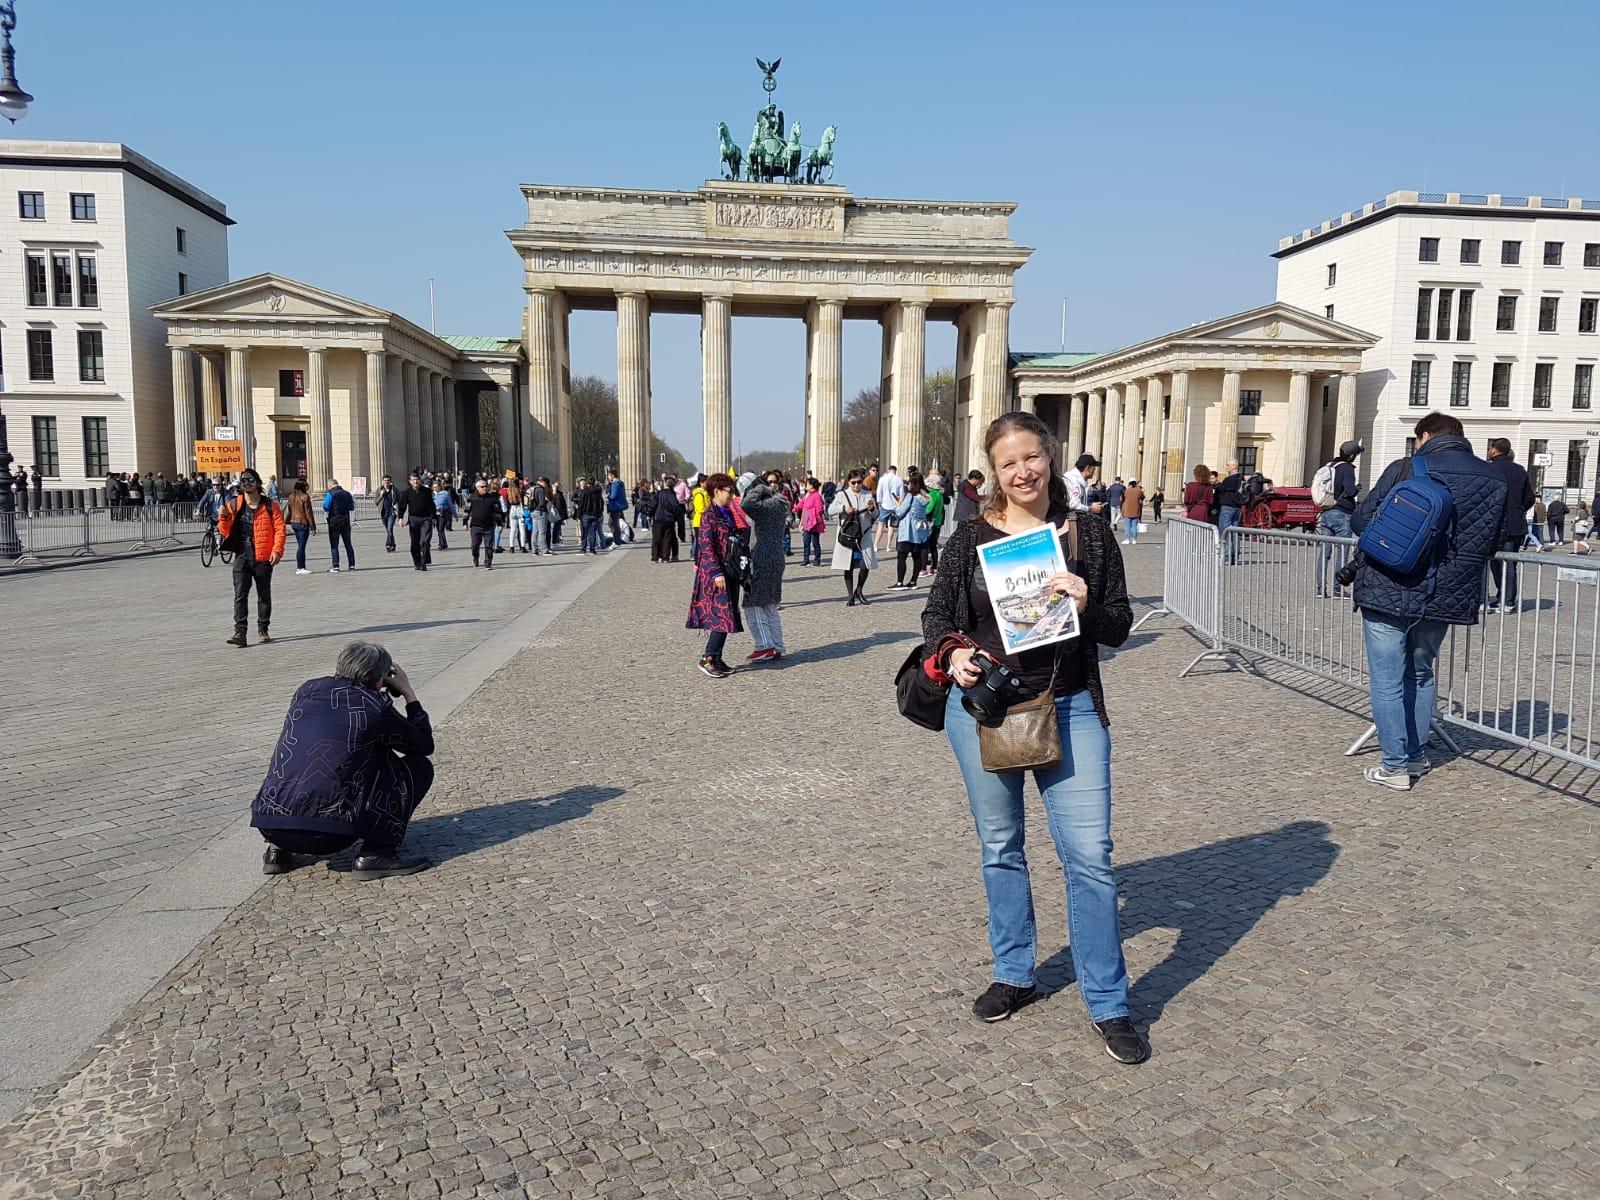 De Berlijn Citygids van Reisroutes getest!